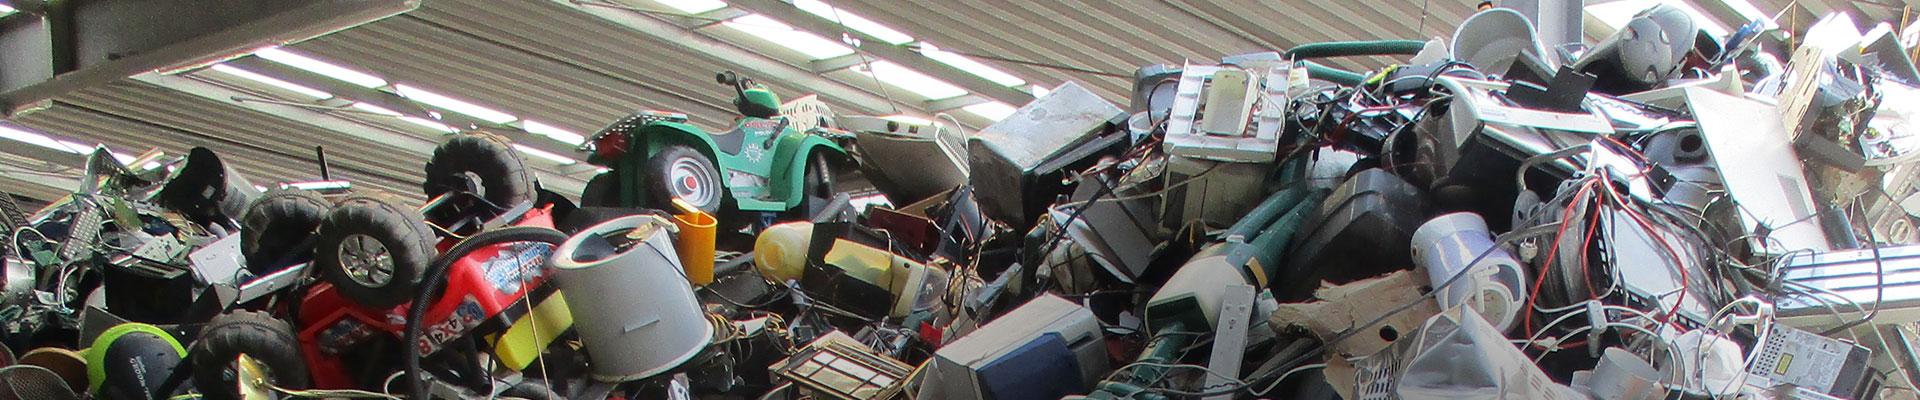 RELUX Umwelt Recycling und Entsorgung Elektroschrott